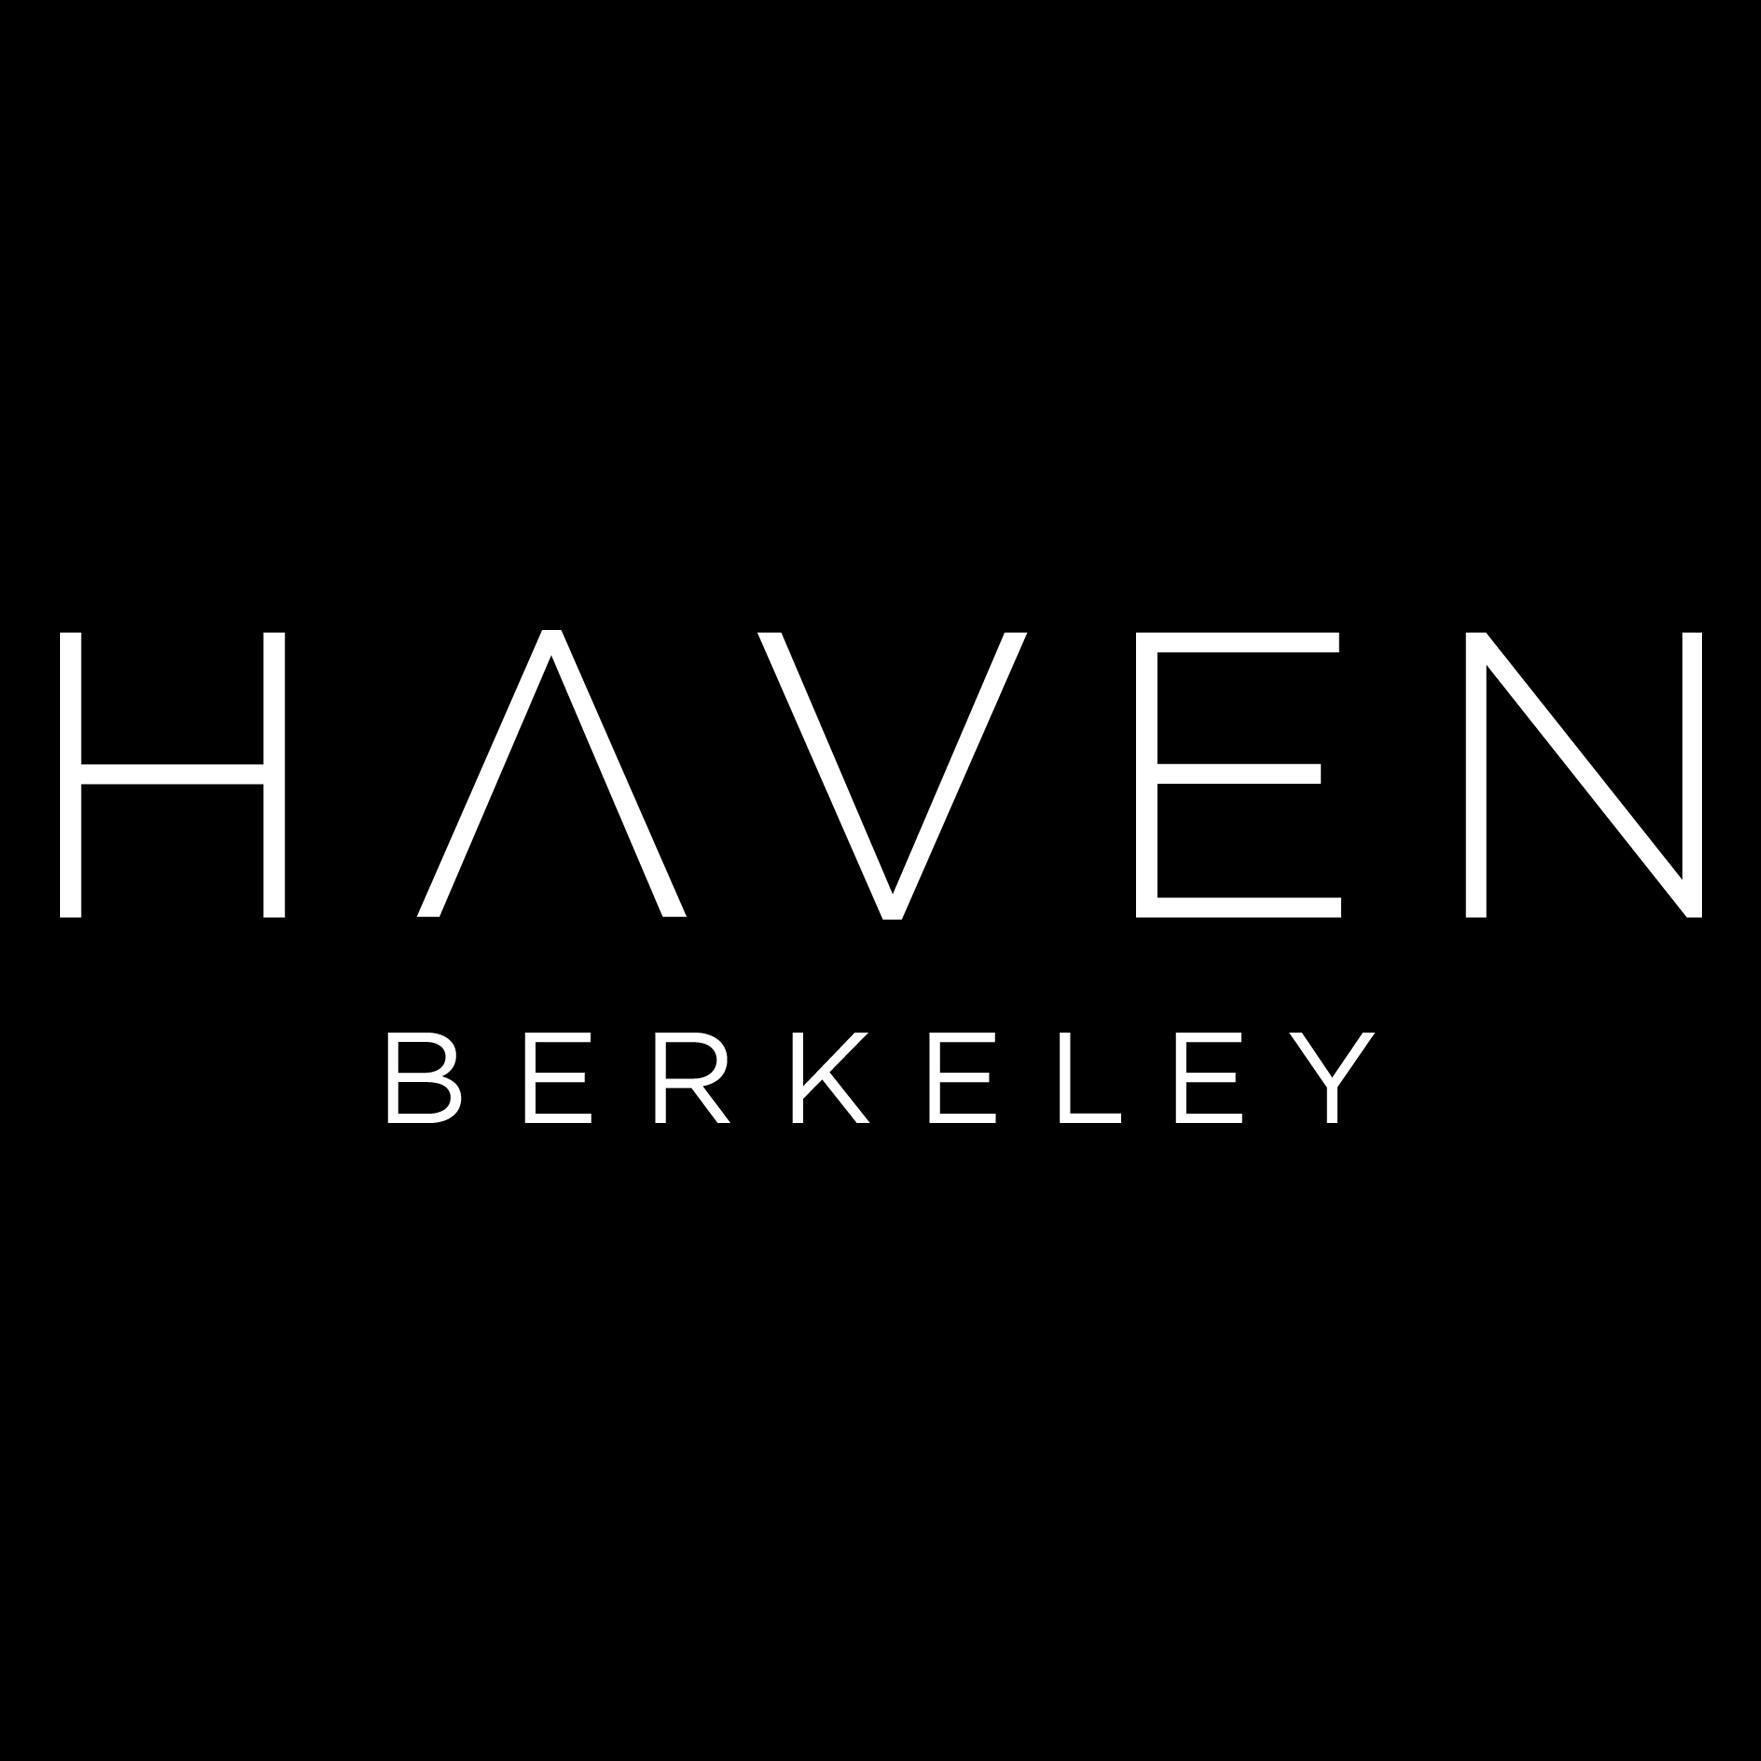 Haven Berkeley